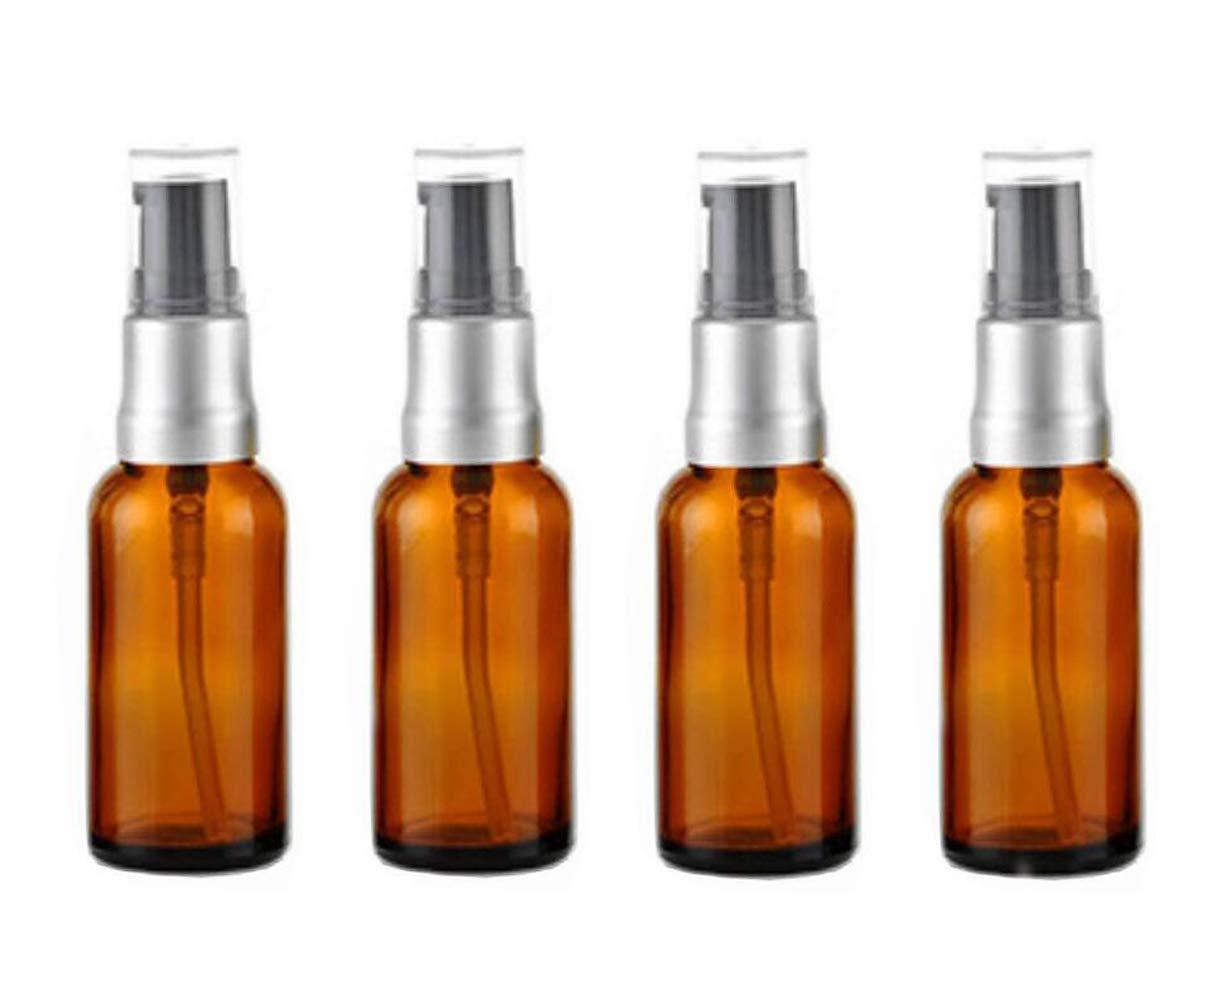 4pcs 15ml (1/56,7gram) bottiglie di vetro vuote in vetro bottiglia di sapone liquido ambrato trucco viso crema detergente viso da toeletta toner dispenser di olio essenziale di viaggio contenitori emulsione, Ericotry